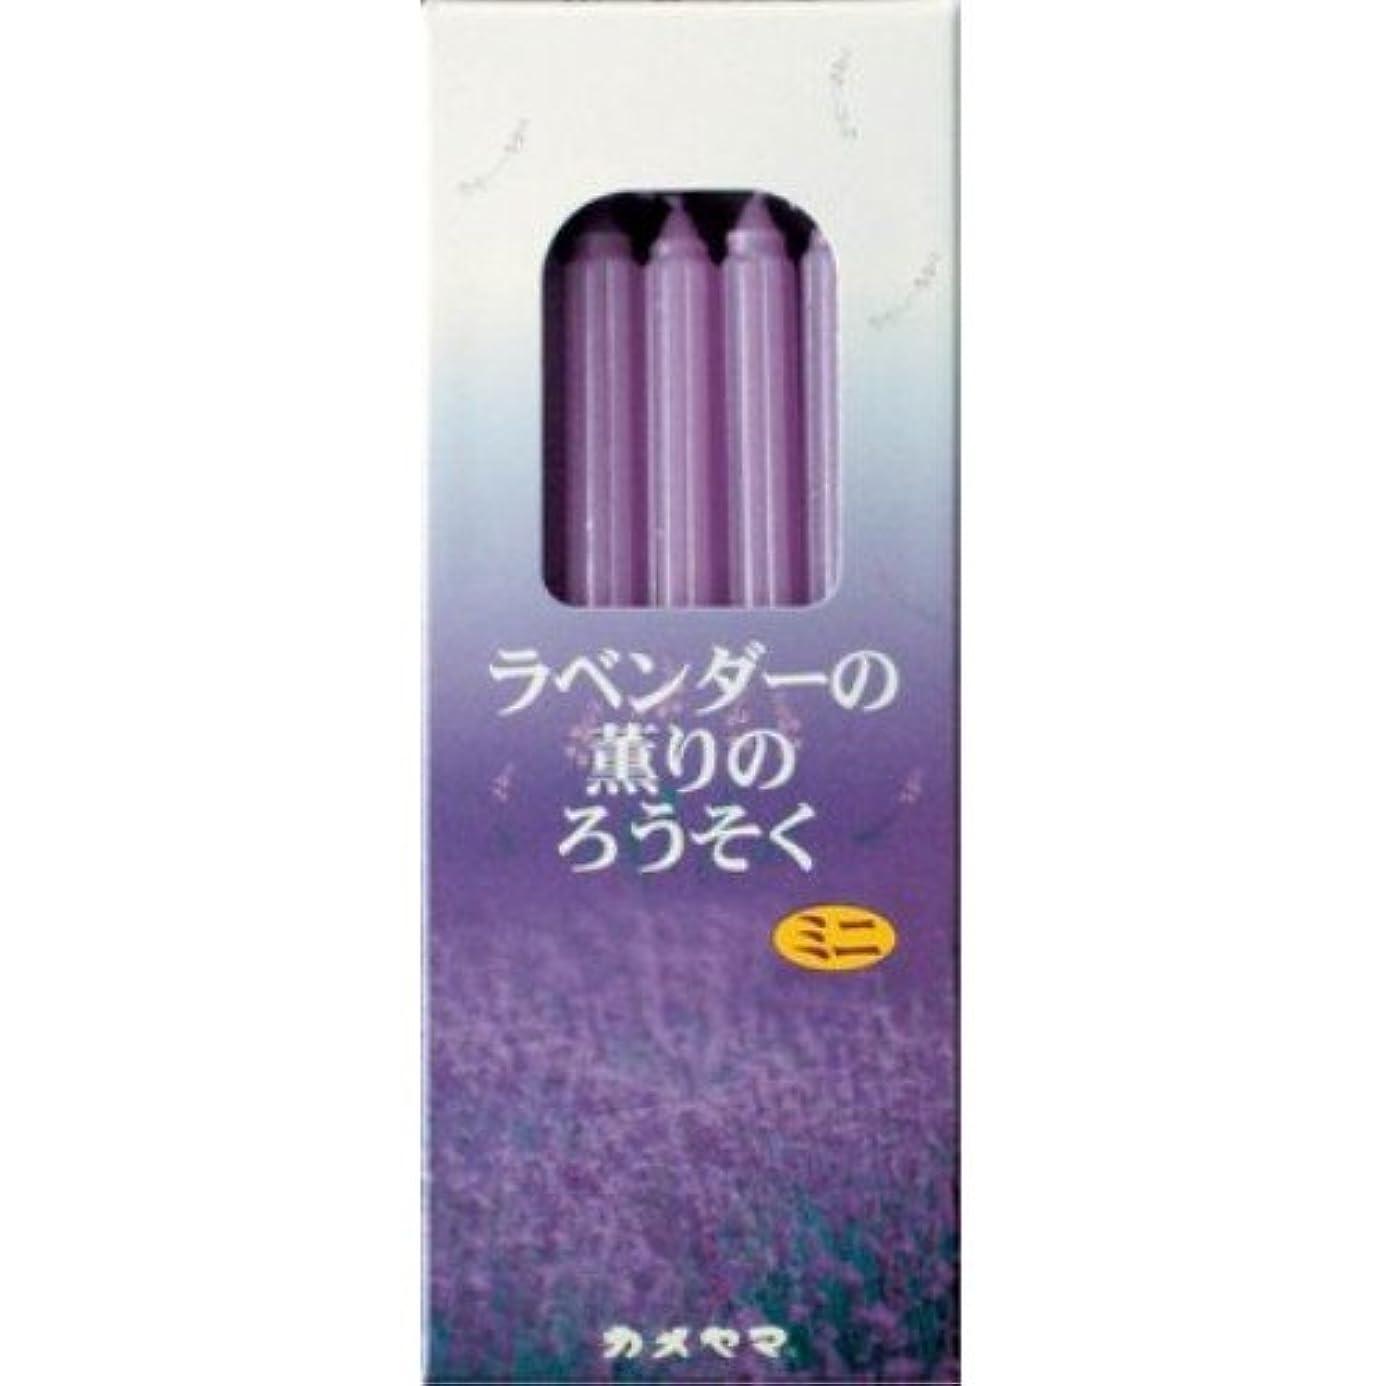 ラベンターの薫りのろうそく ミニ (20本)